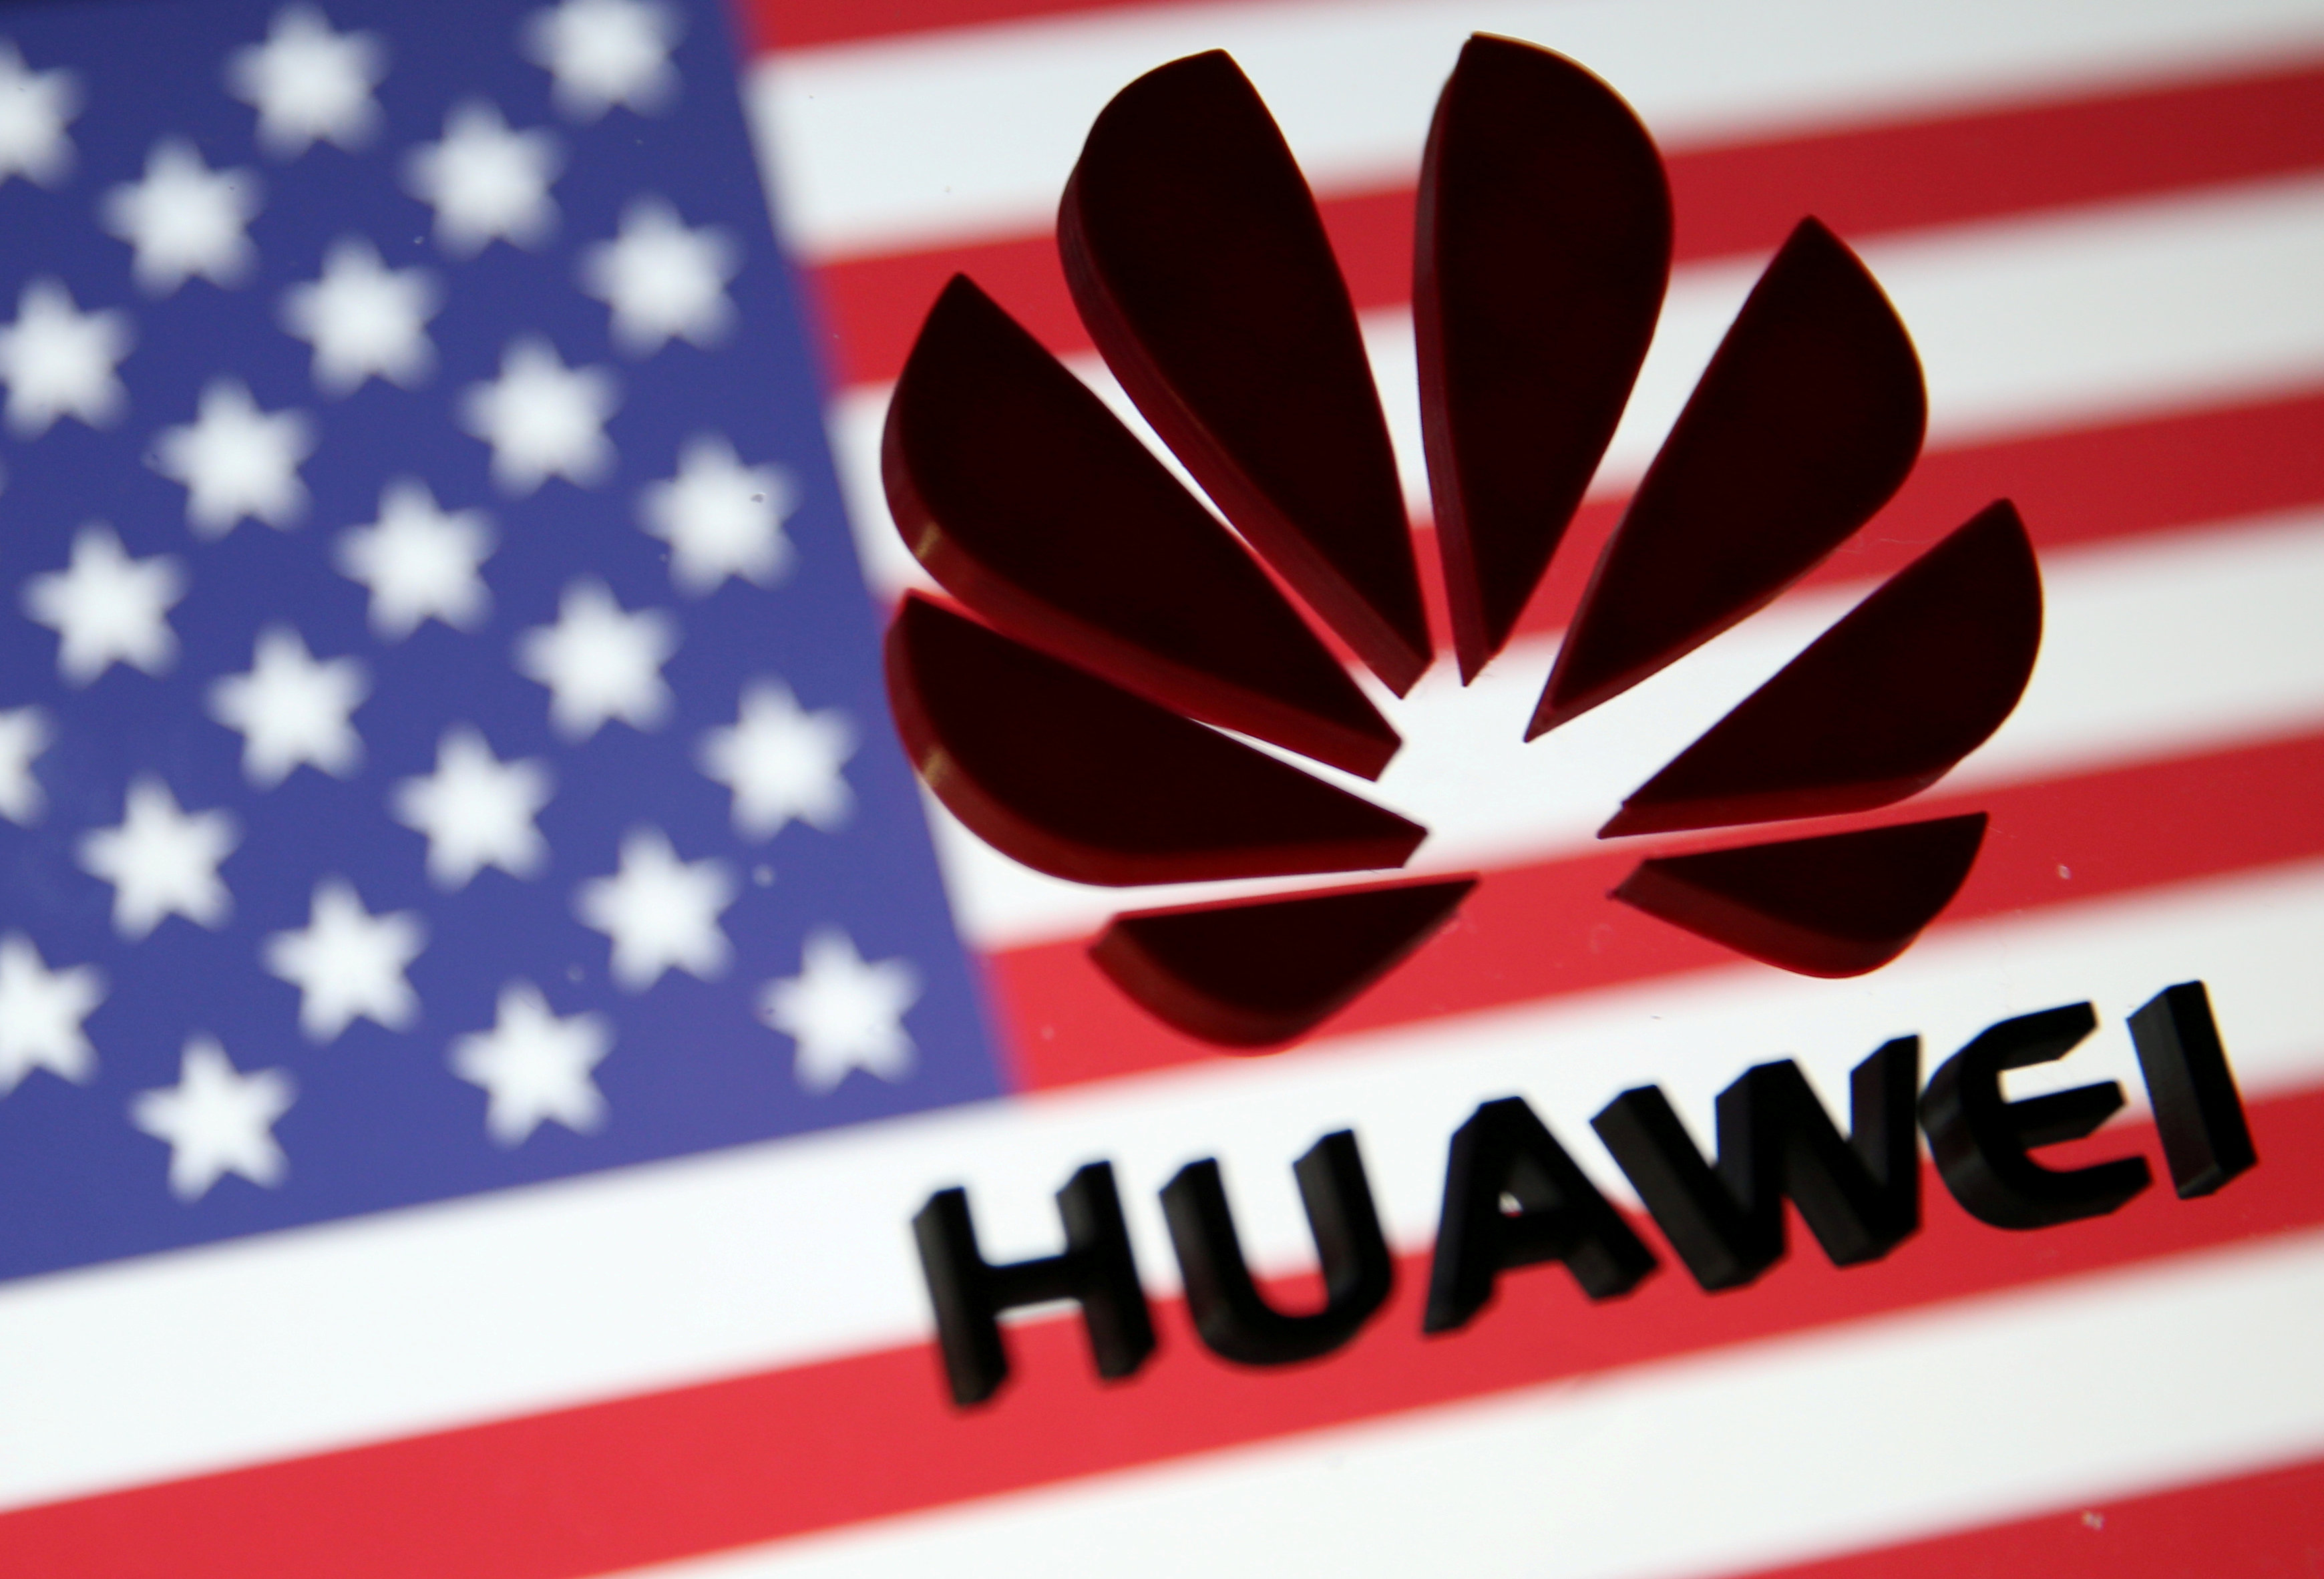 El logo de Huawei sobre una bandera estadounidense (REUTERS/Dado Ruvic/ilustración/archivo)